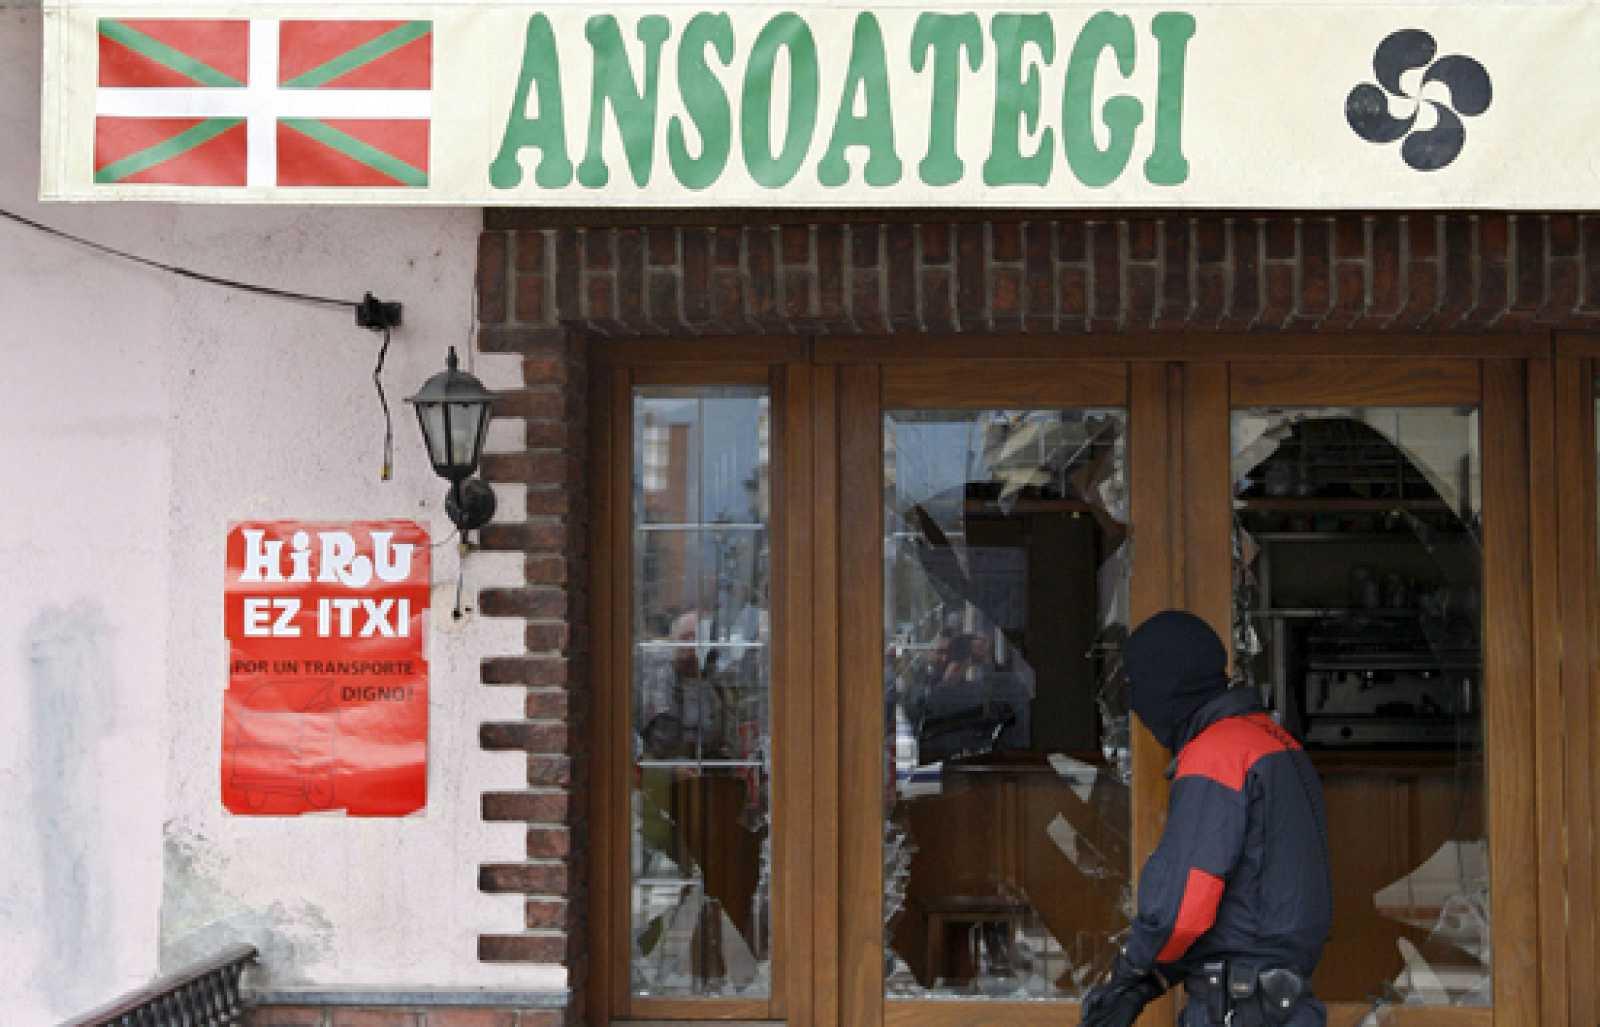 El joven de Lazkao que atacó una herriko taberna tiene que dejar el pueblo por amenazas